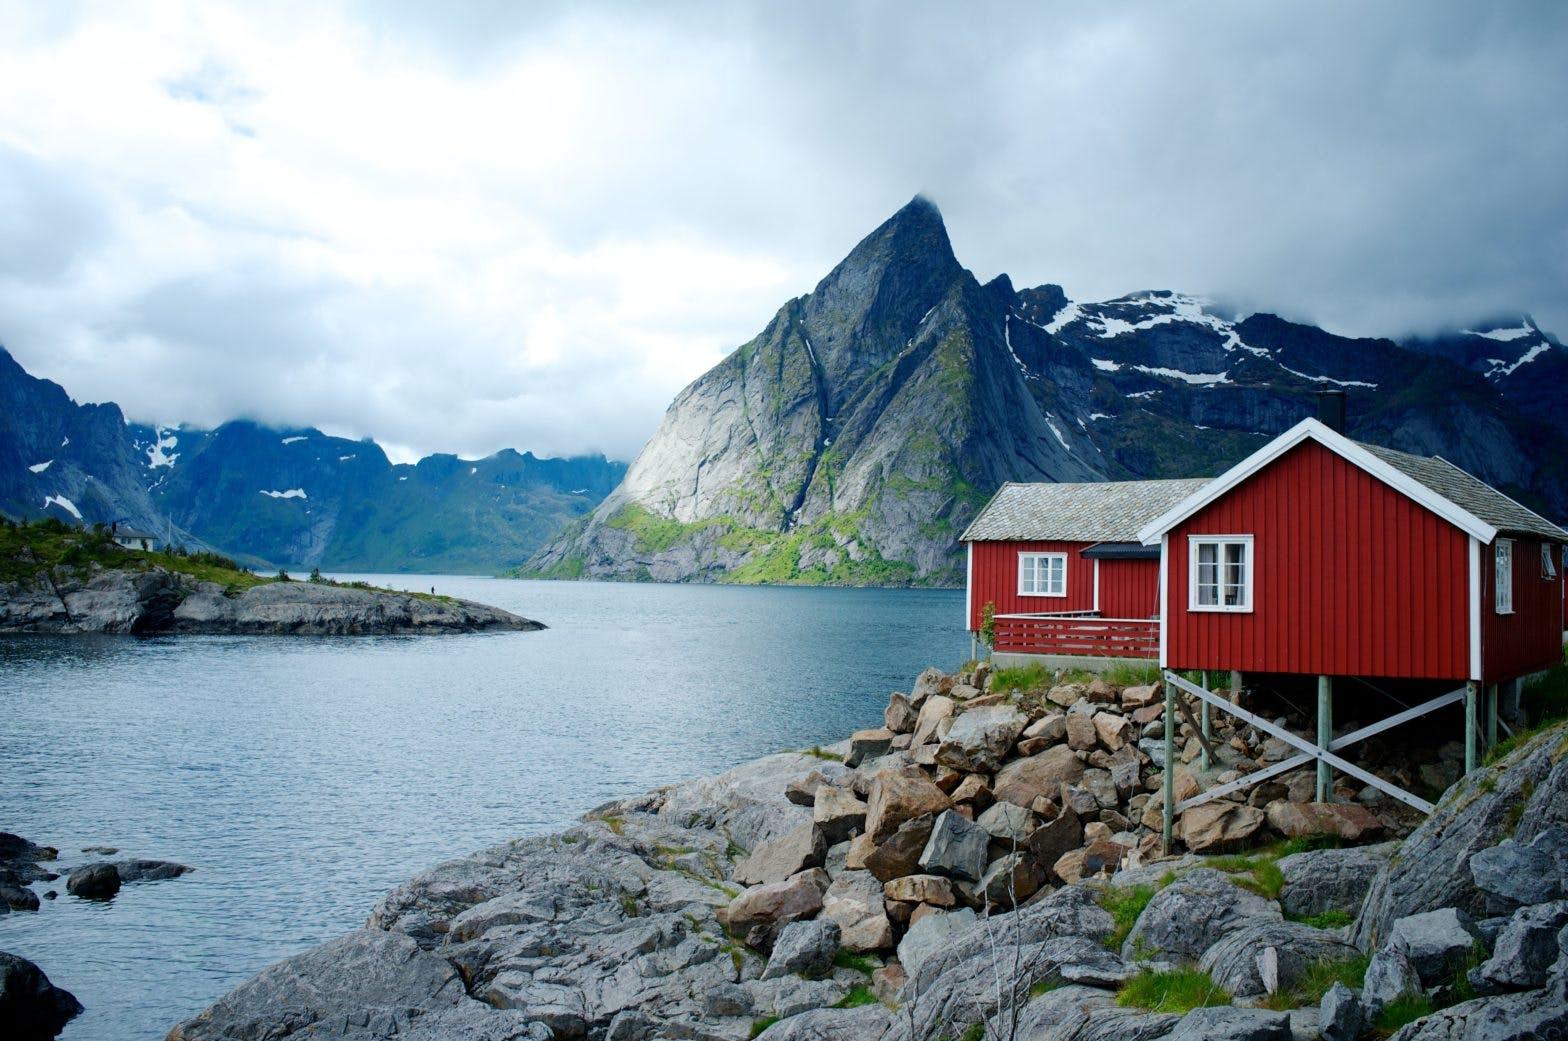 Vandra i Norge - Den perfekta guiden - Ridestore Magazine